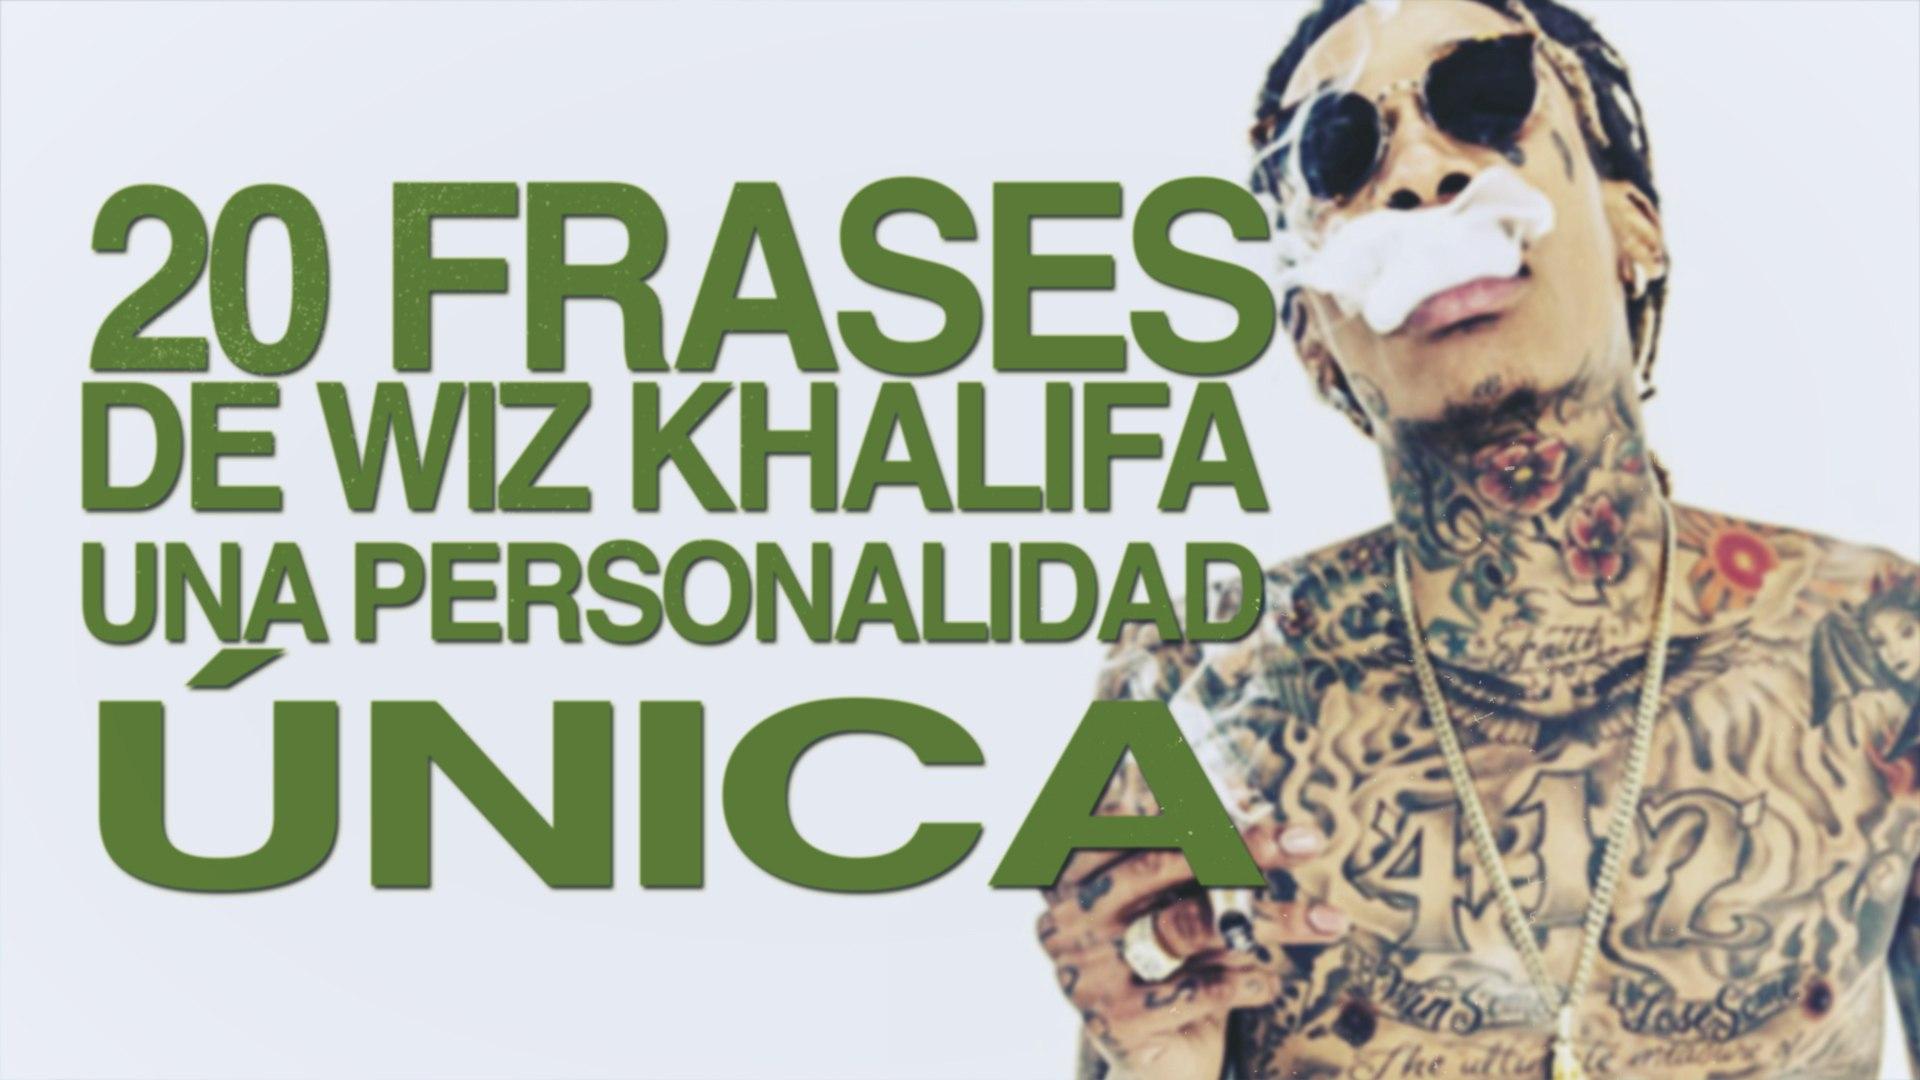 20 Frases De Wiz Khalifa Una Personalidad única